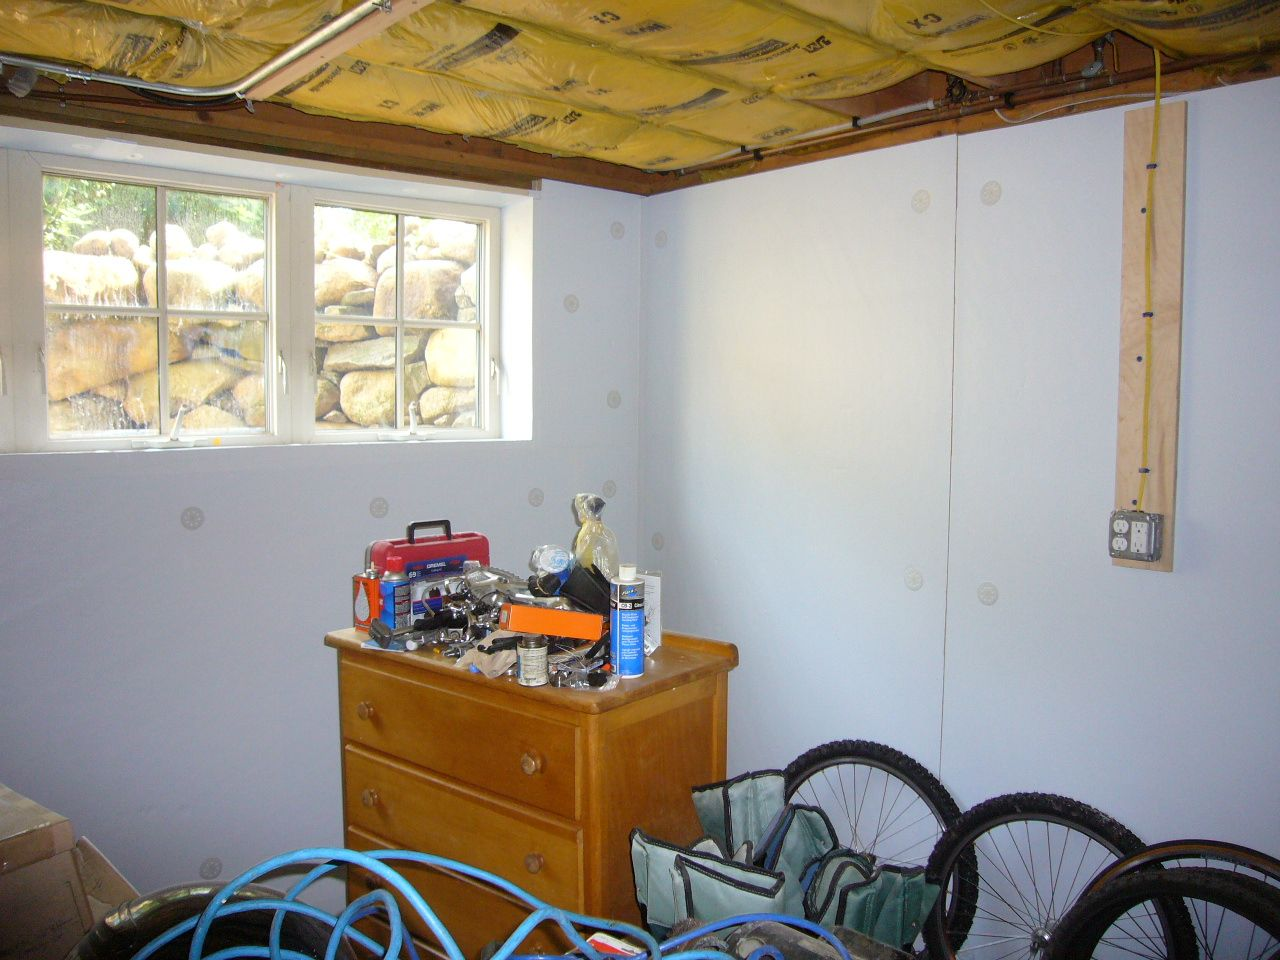 Ideas About Concrete Basement Walls On Pinterest Basement - Concrete basement wall ideas